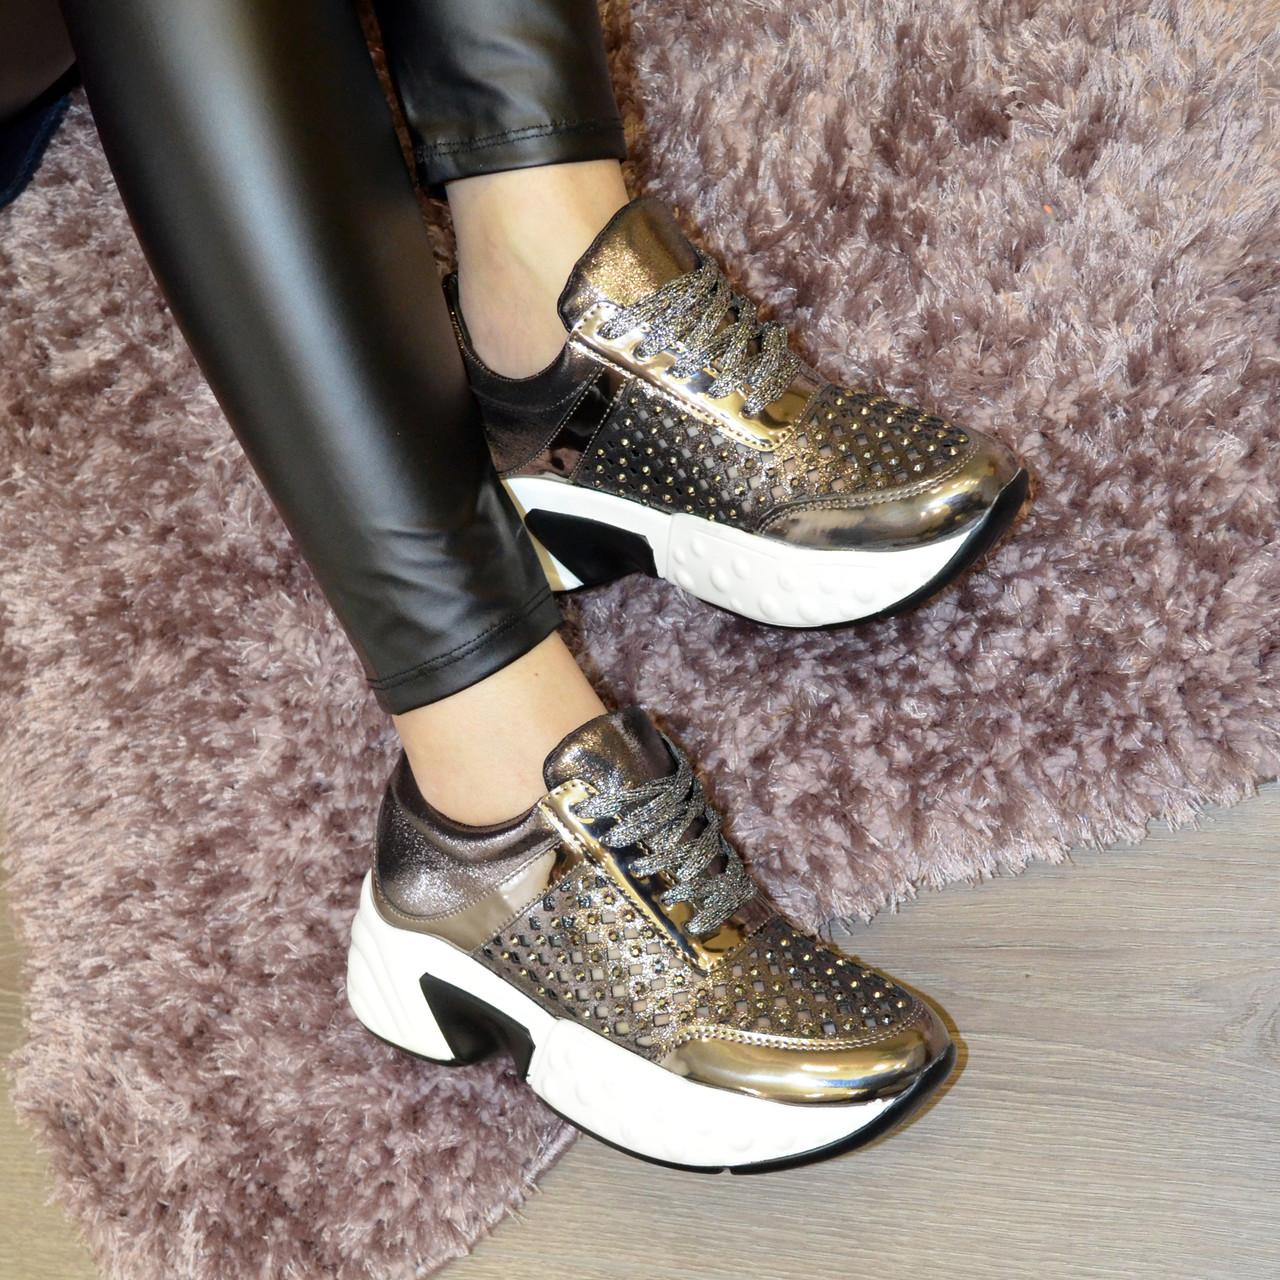 Кроссовки женские на шнуровке, утолщенная подошва. В наличии 38-40 размеры